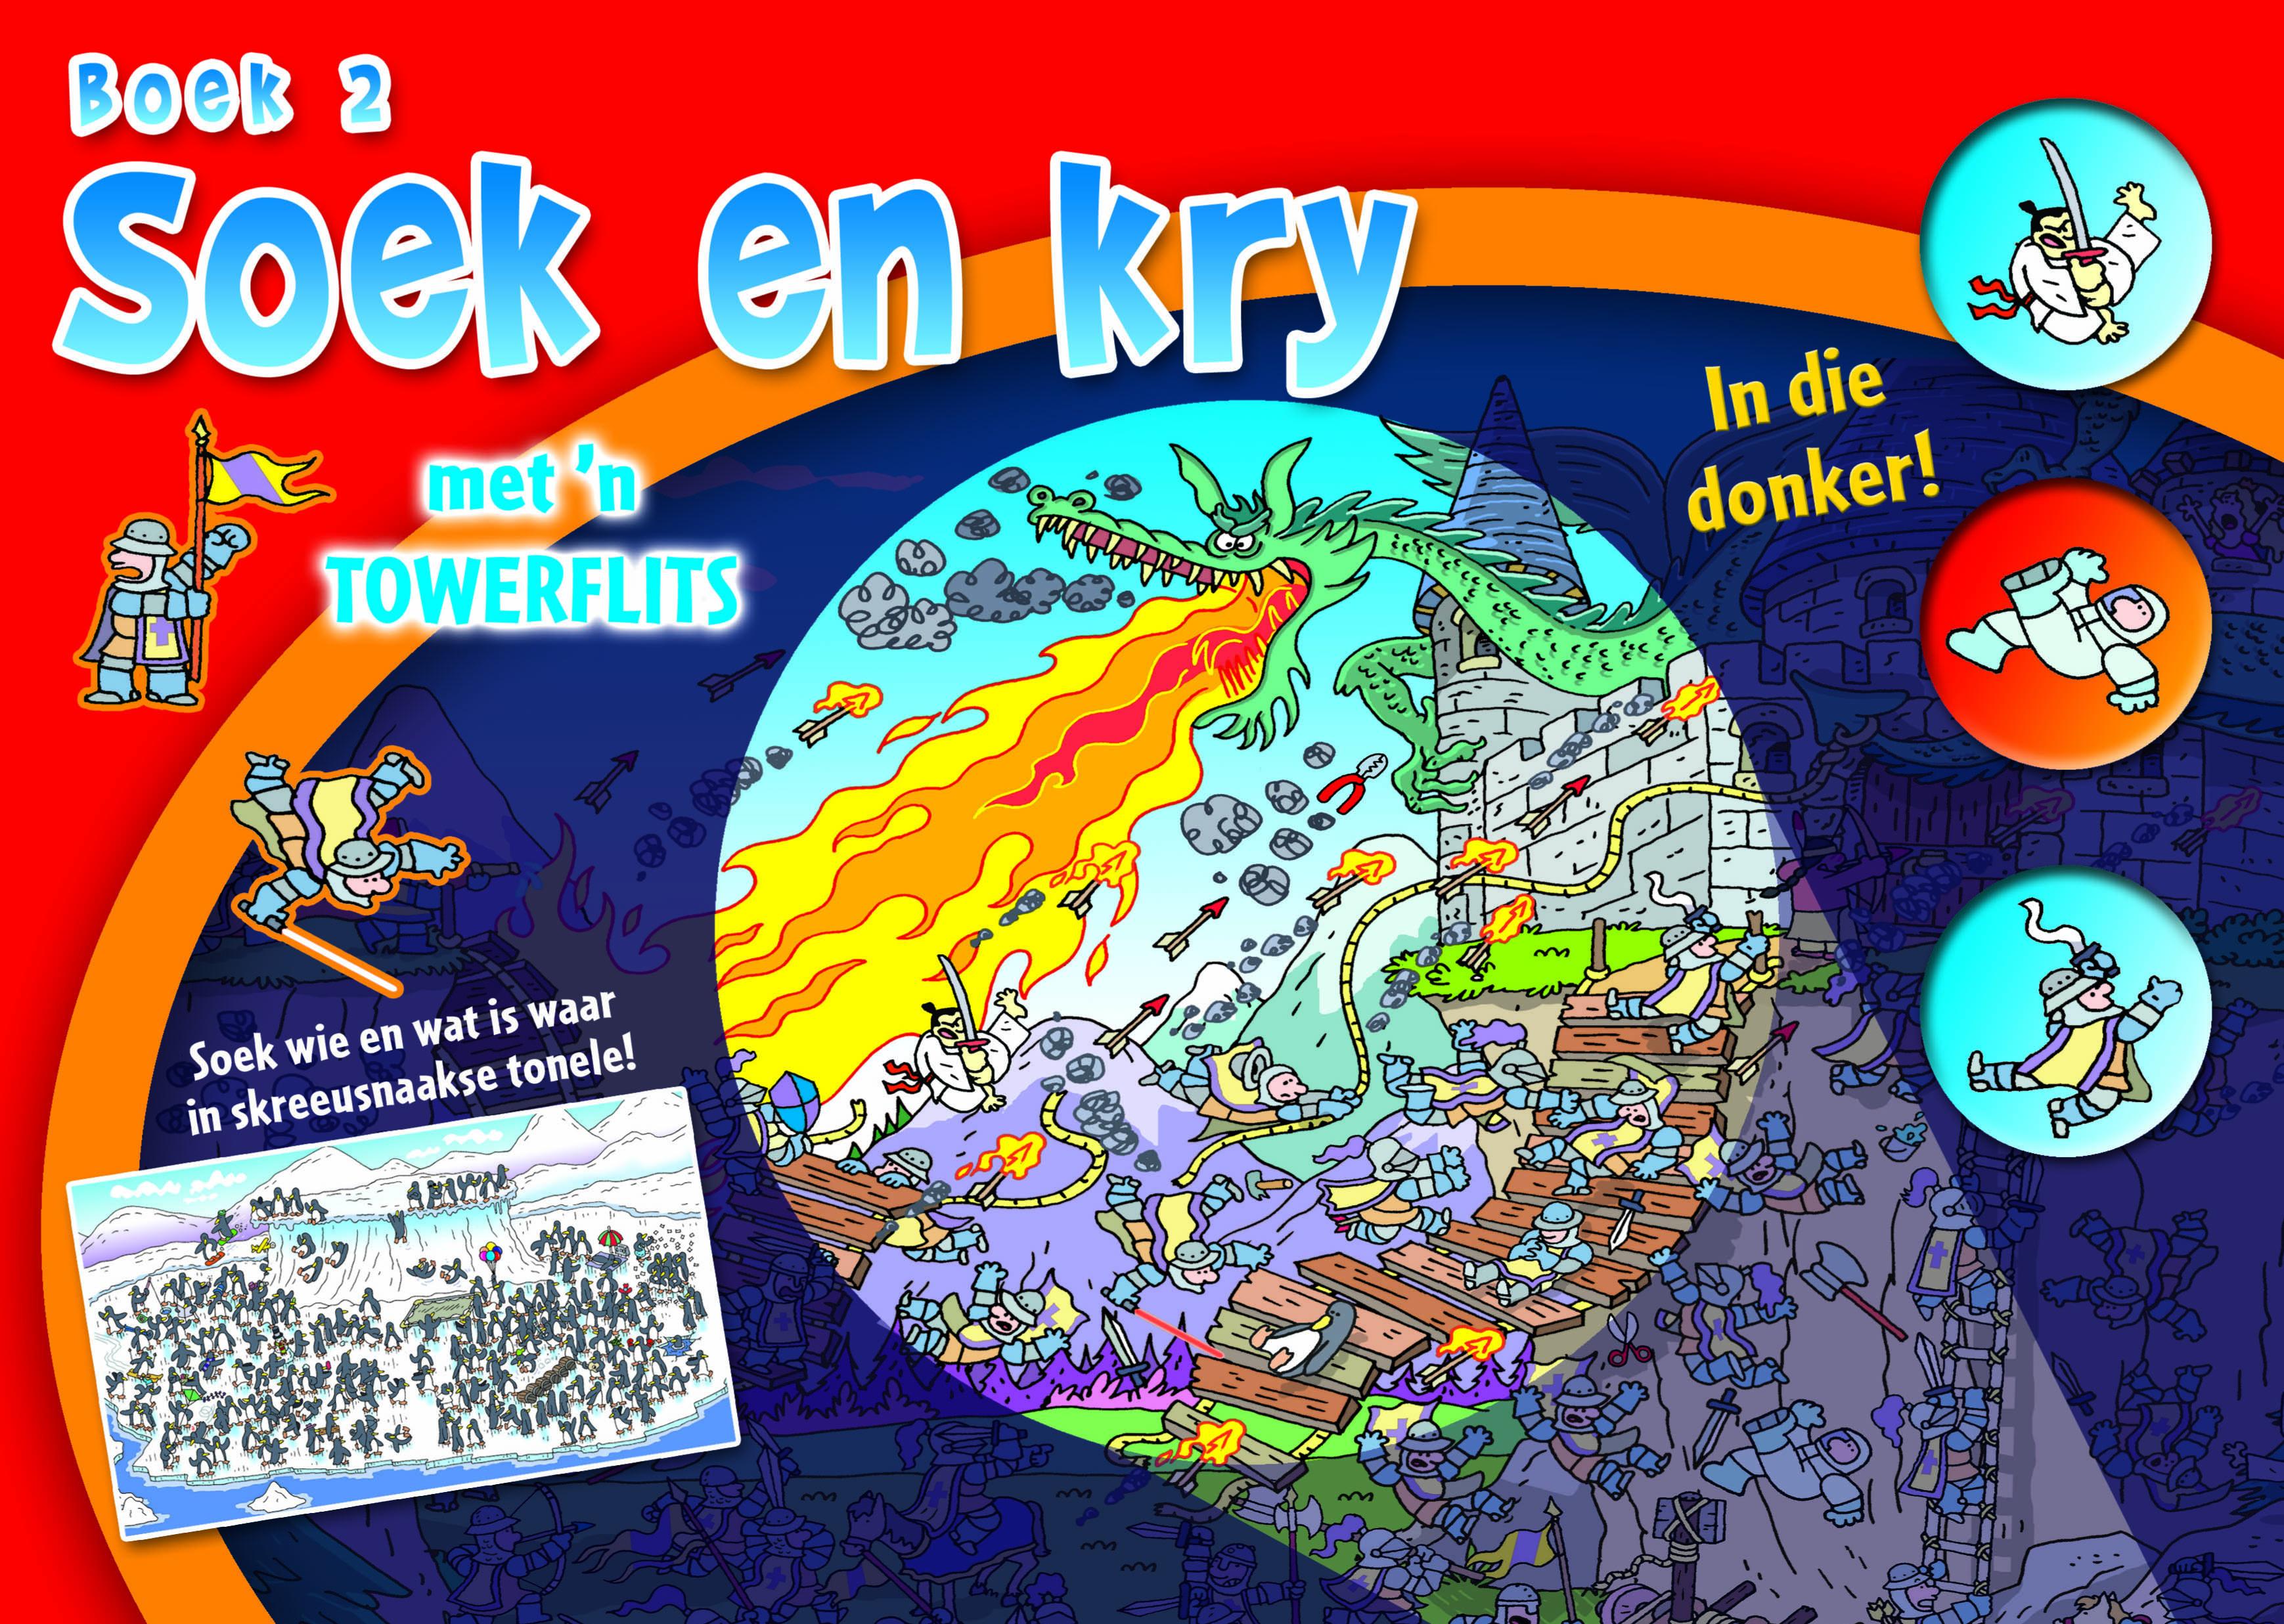 Picture of Soek en kry in die donker